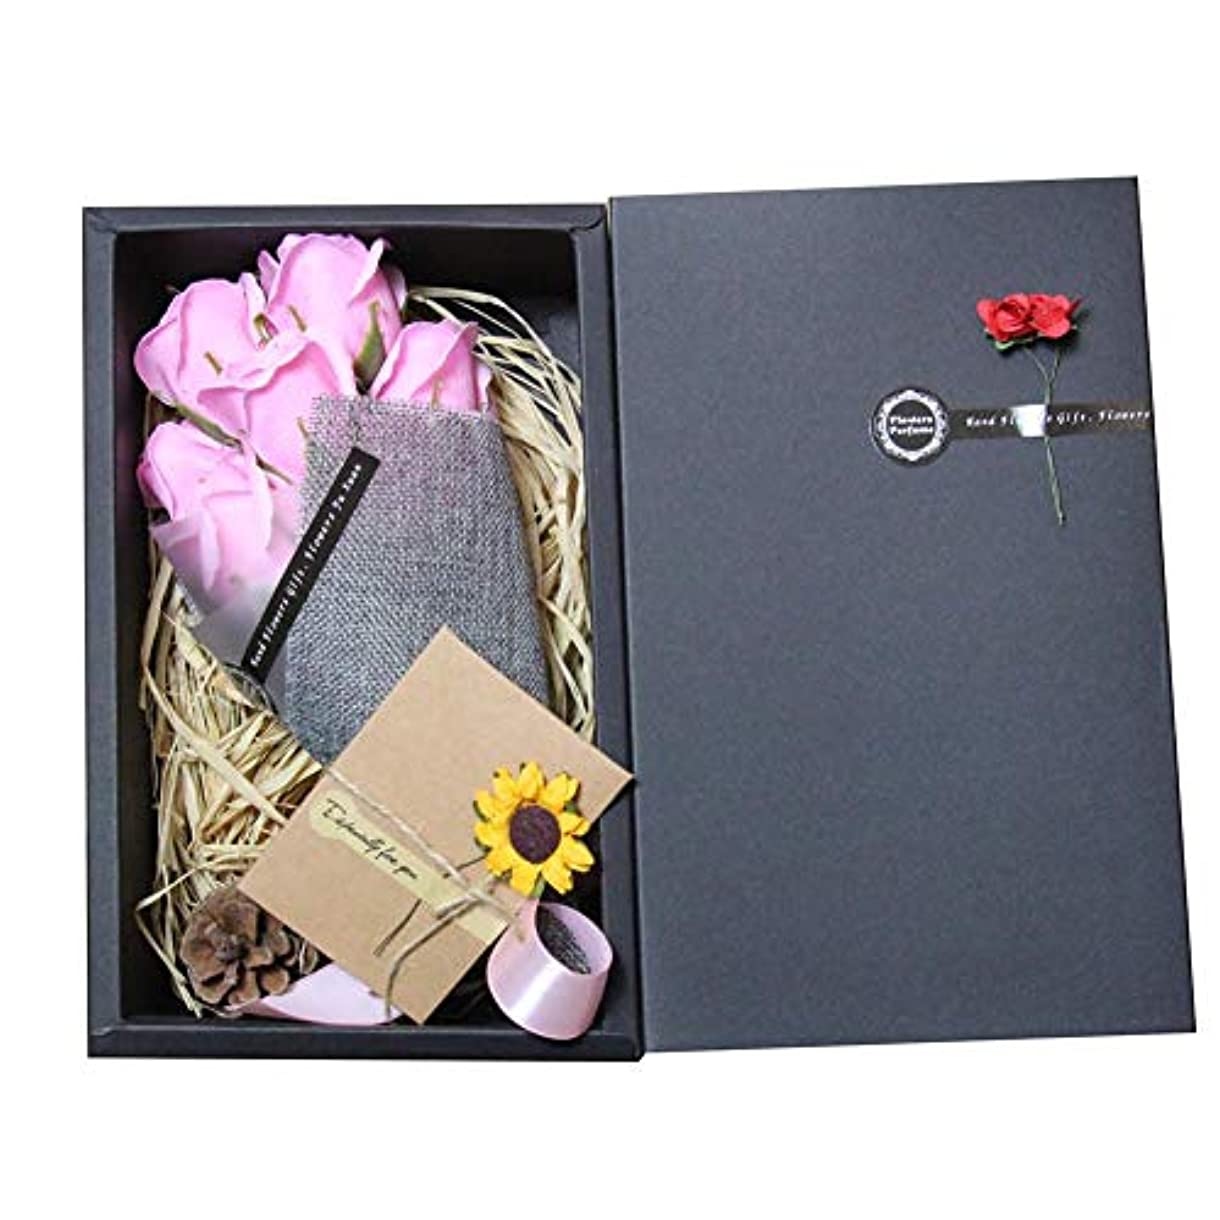 石鹸 花の香りのバスソープ バラの花びら石鹸状 栄養と潤いのある肌 女の子のためのお母さん誕生日